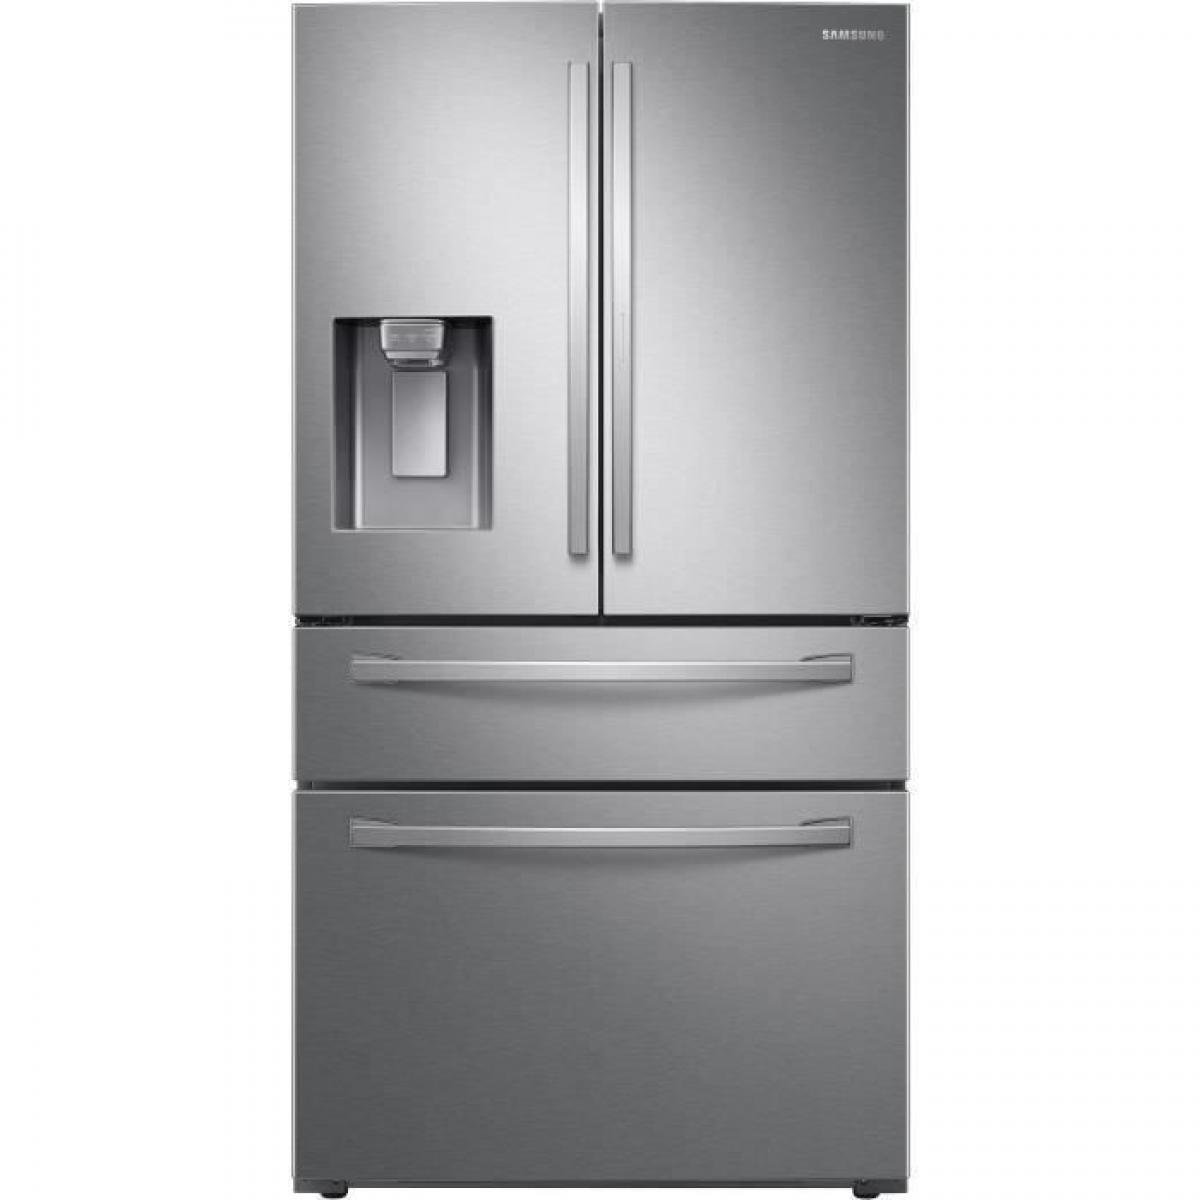 Samsung Réfrigérateur multi-portes 501L Froid Ventilé SAMSUNG 90.8cm A+, RF22R7351SREF